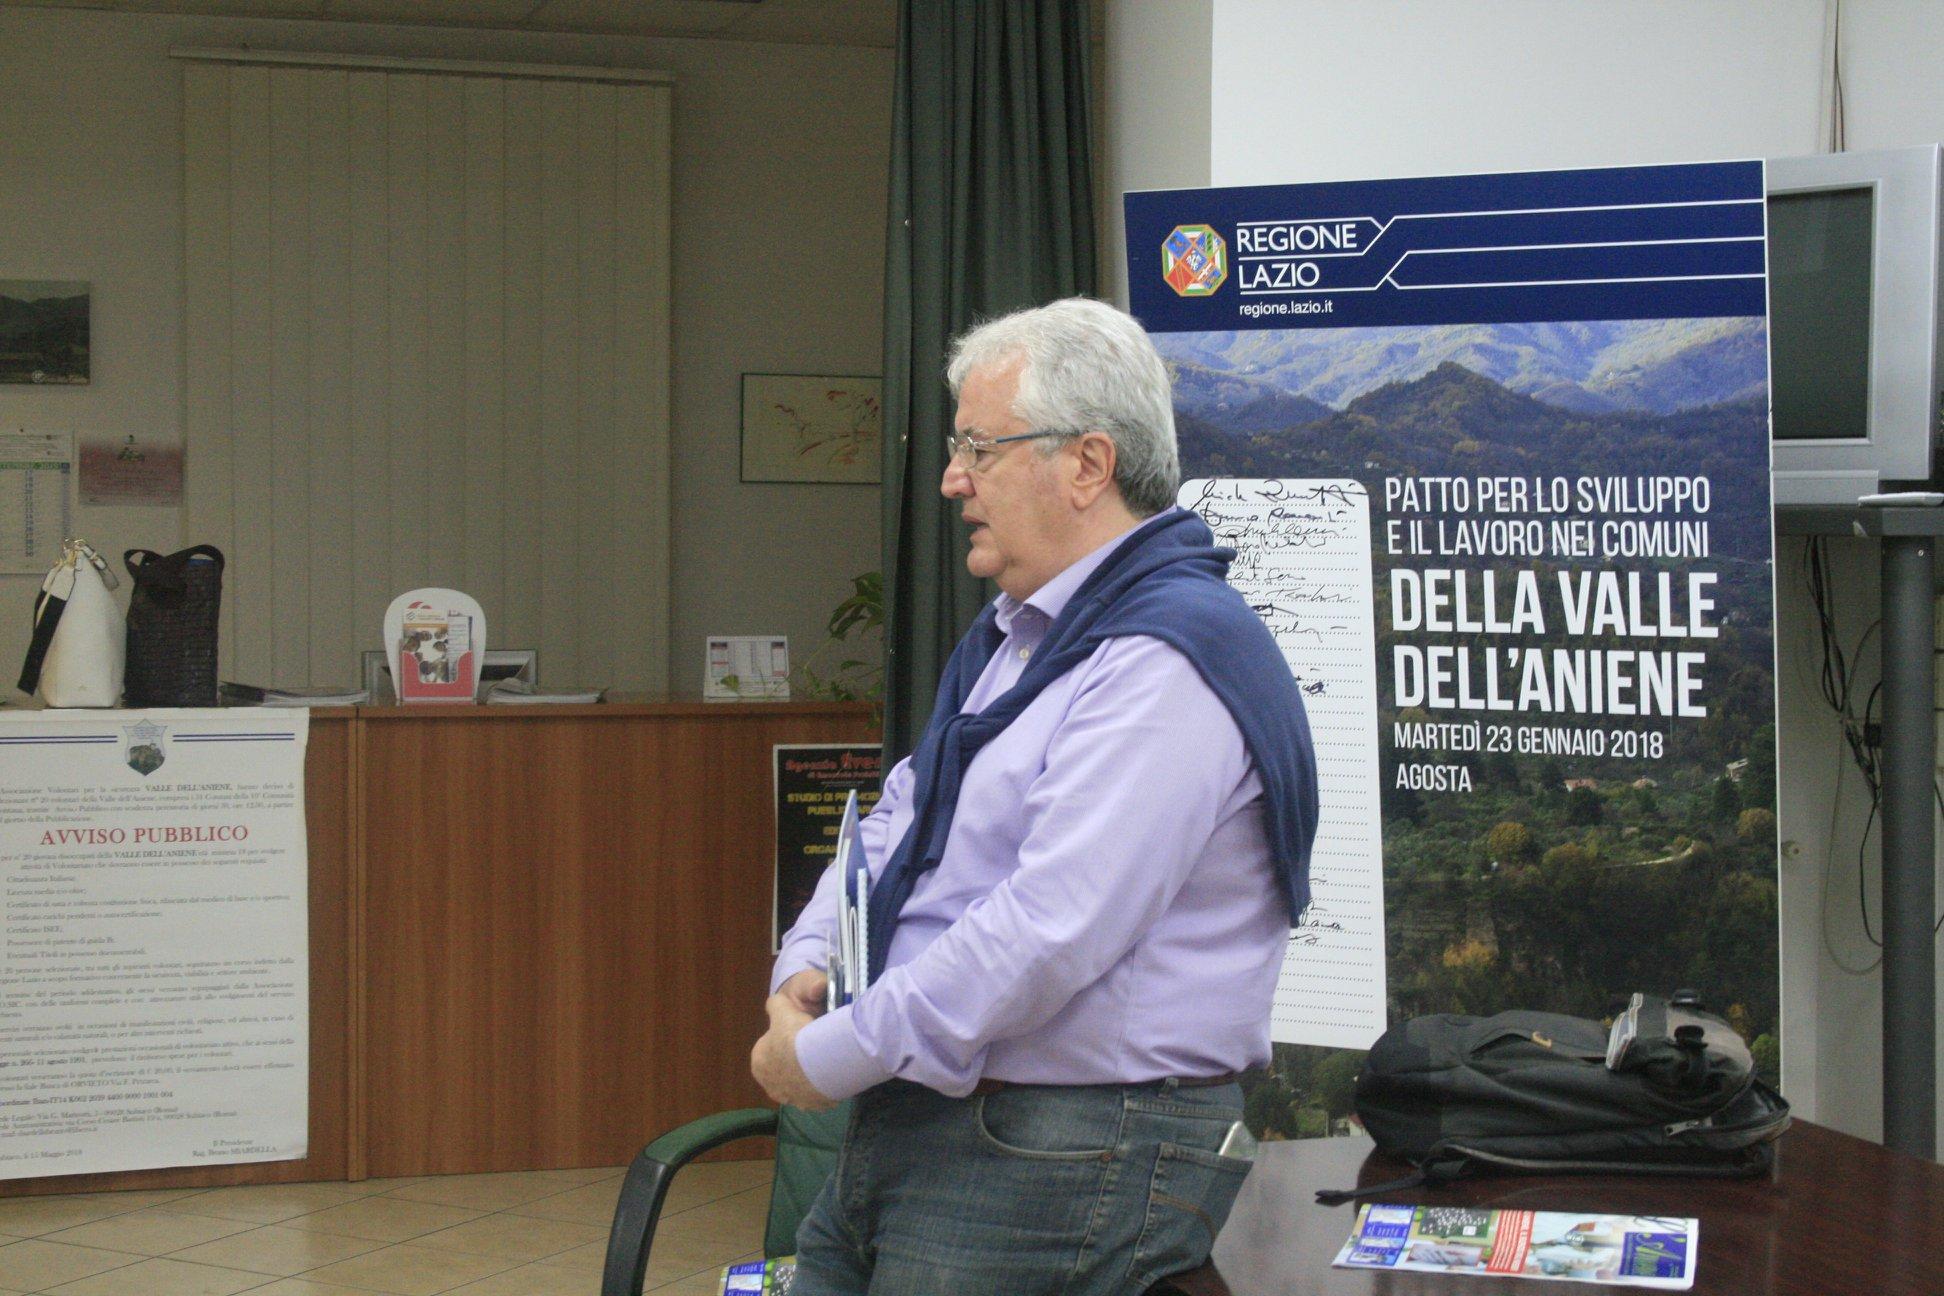 La Regione Lazio assegna i fondi per realizzare i progetti presentati dalla Presidenza Romanzi contro il dissesto idrogeologico sul territorio